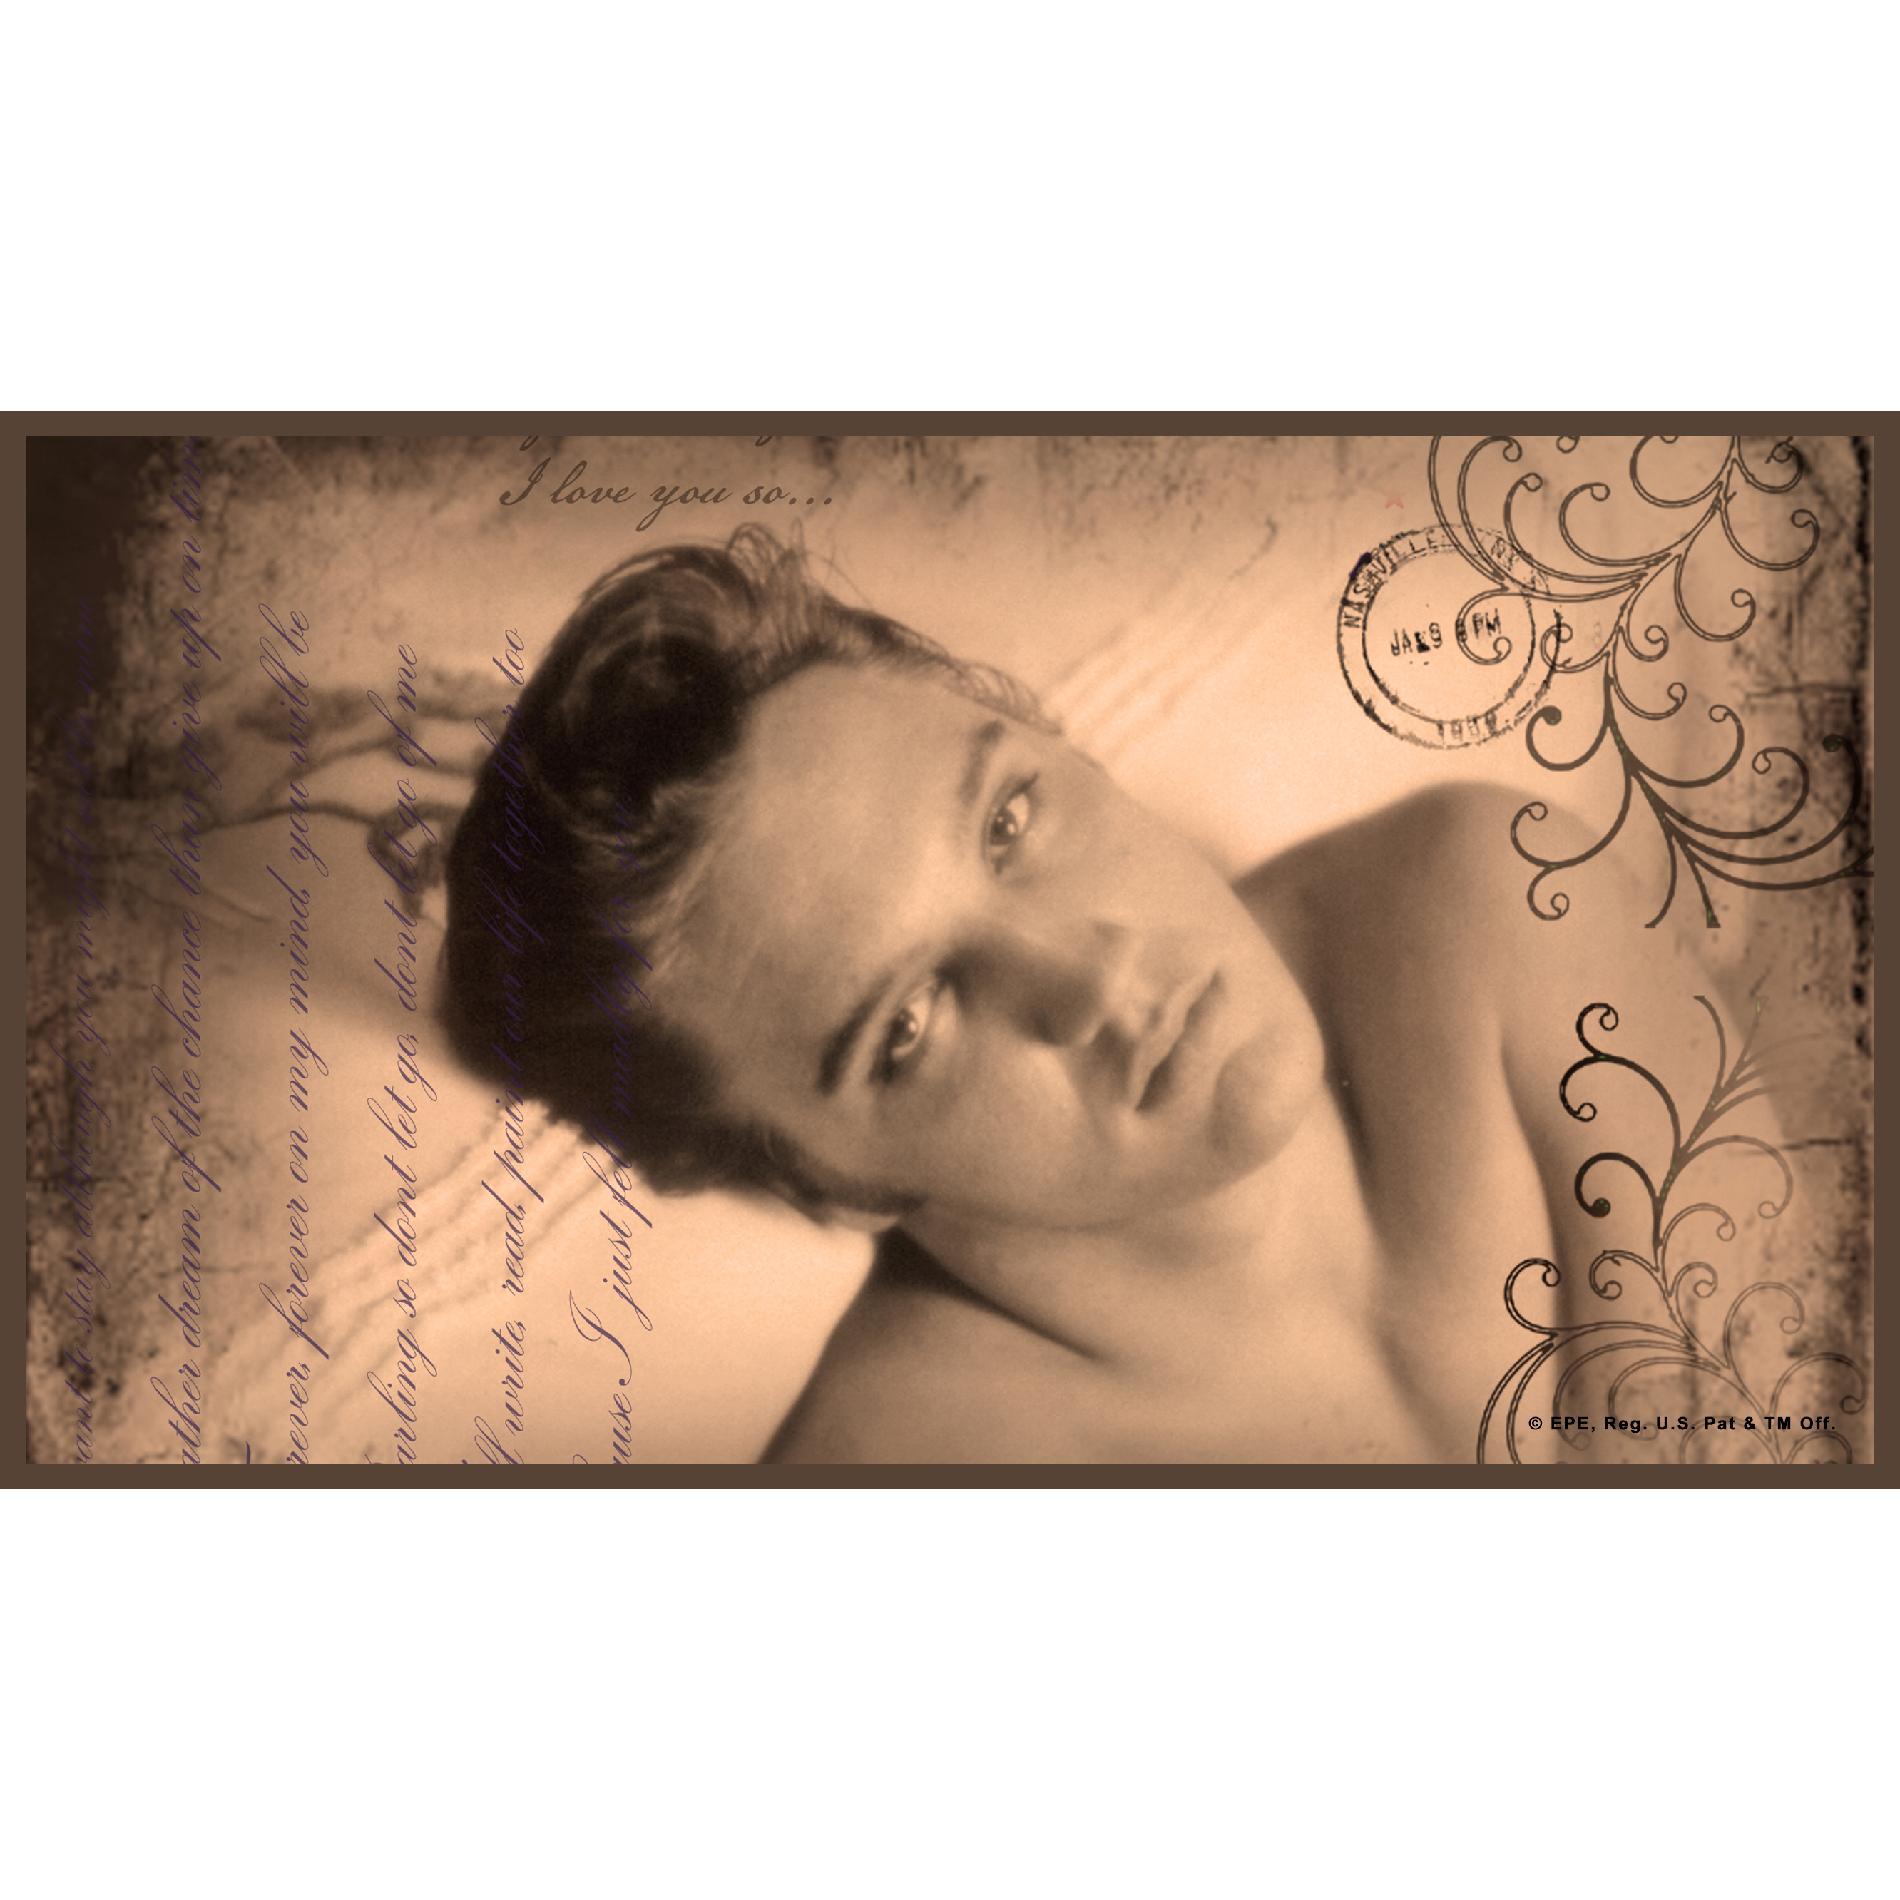 Legends Home Bedding Elvis Presley 10 Always On My Mind Pillow Shams - King